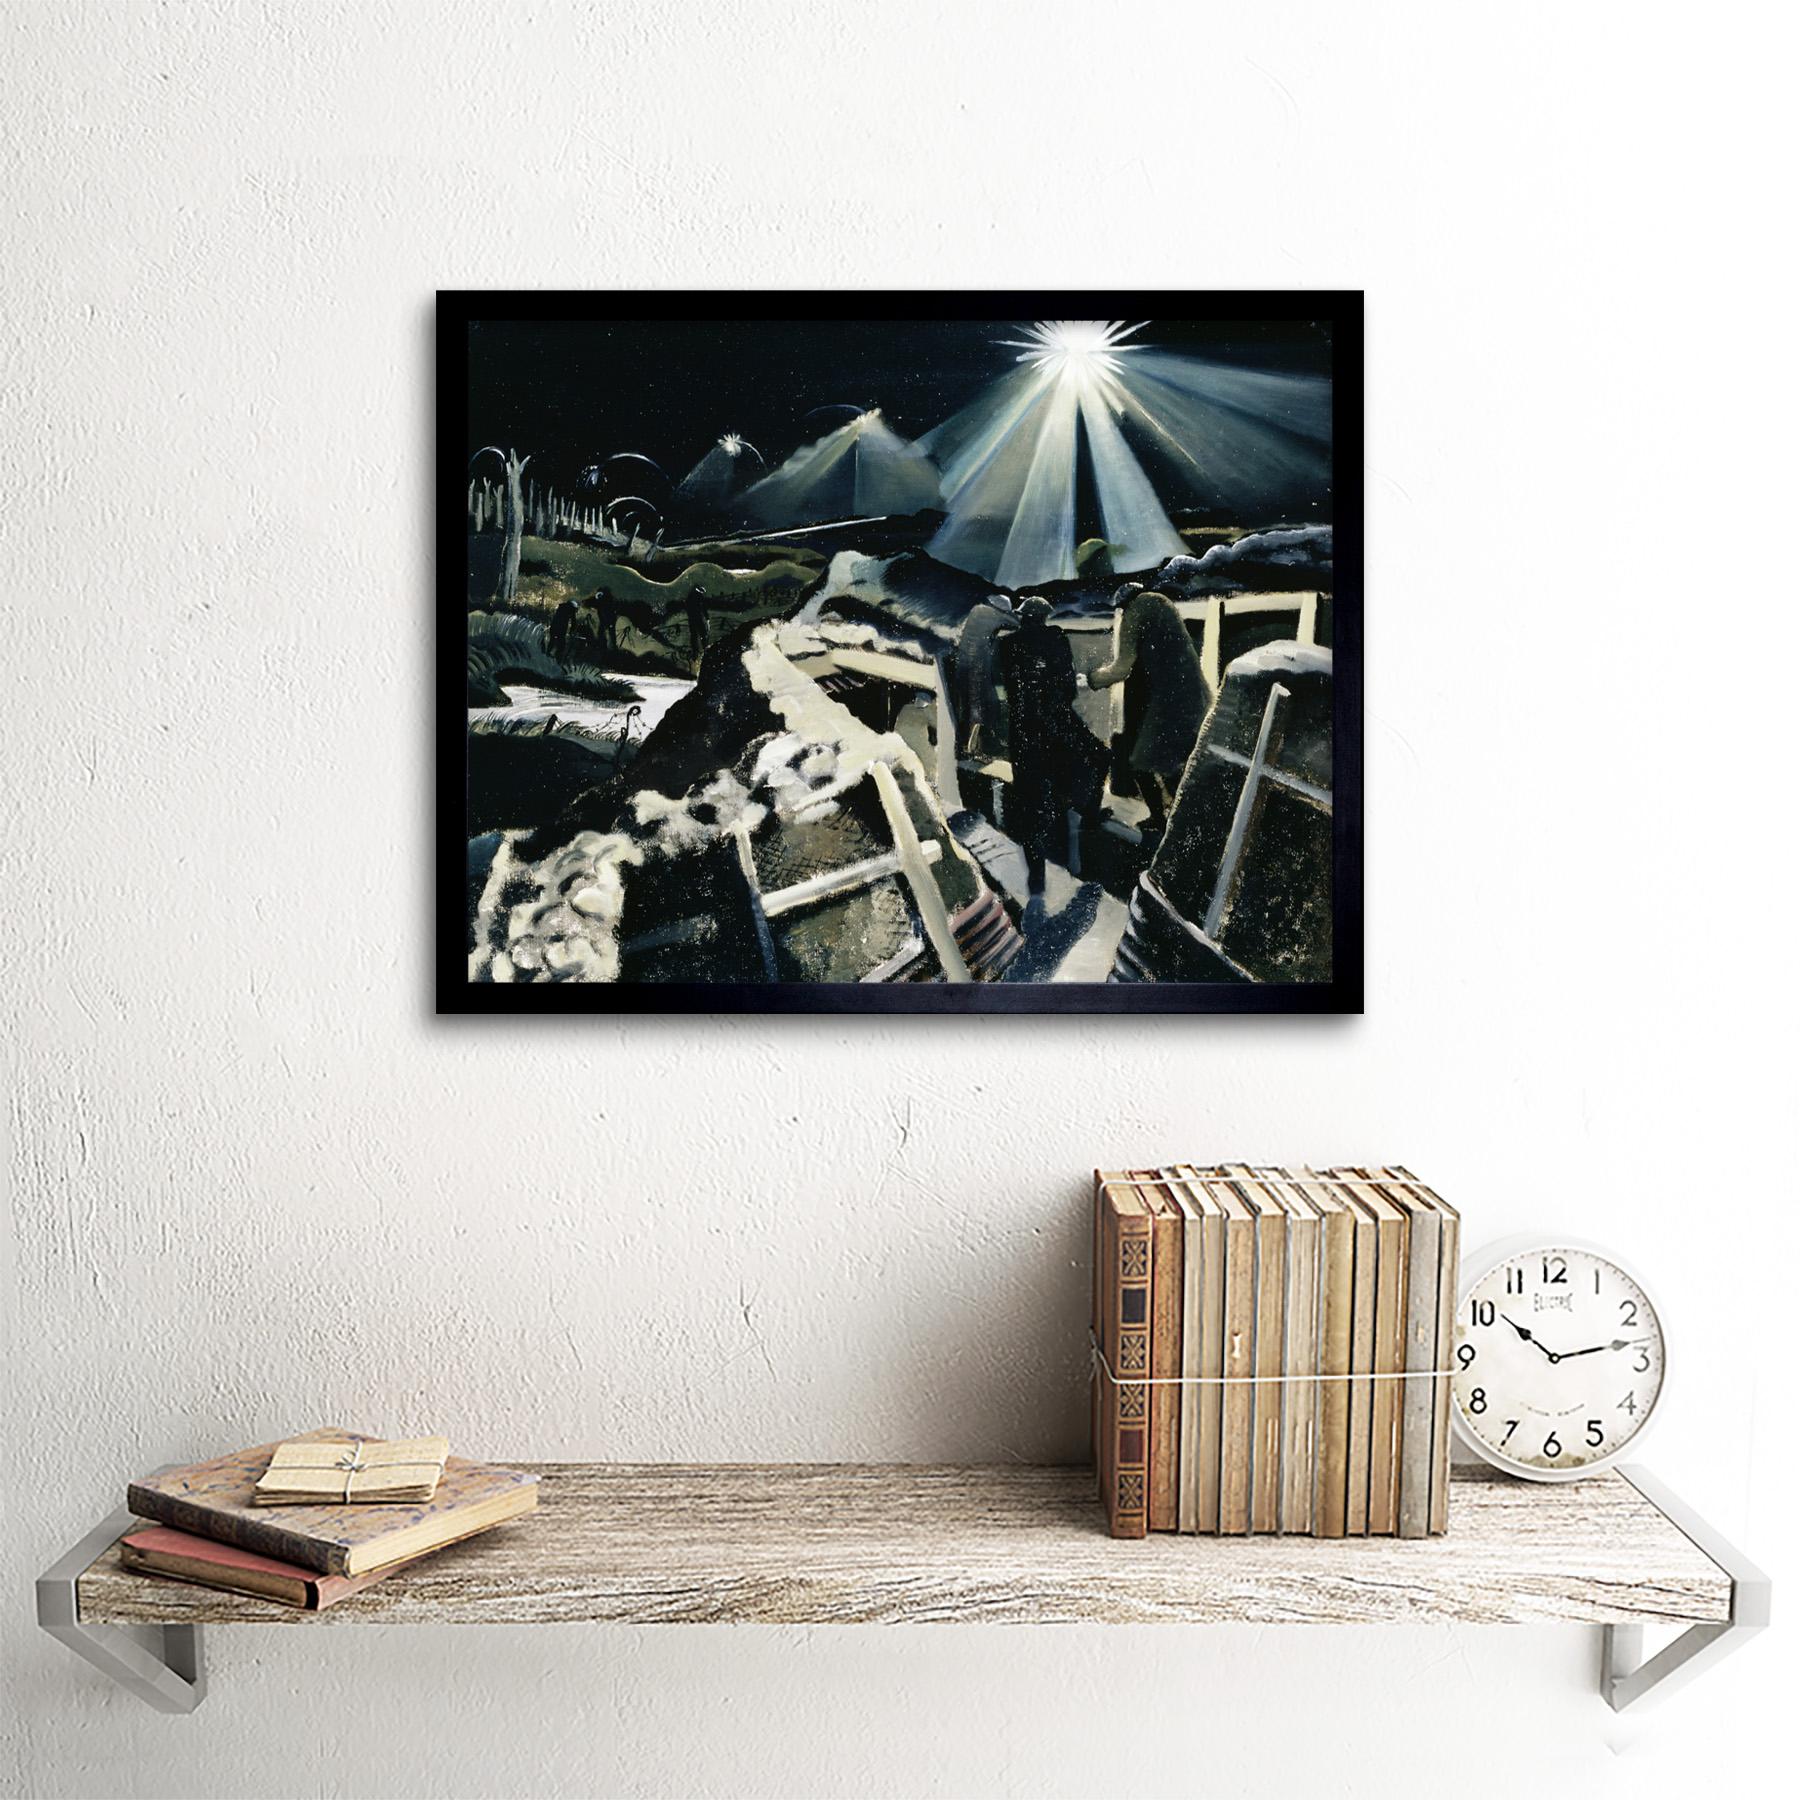 Nash Ypres salientes noche batalla Wwi Guerra Pintura Pared Arte Impresión Enmarcado 12x16